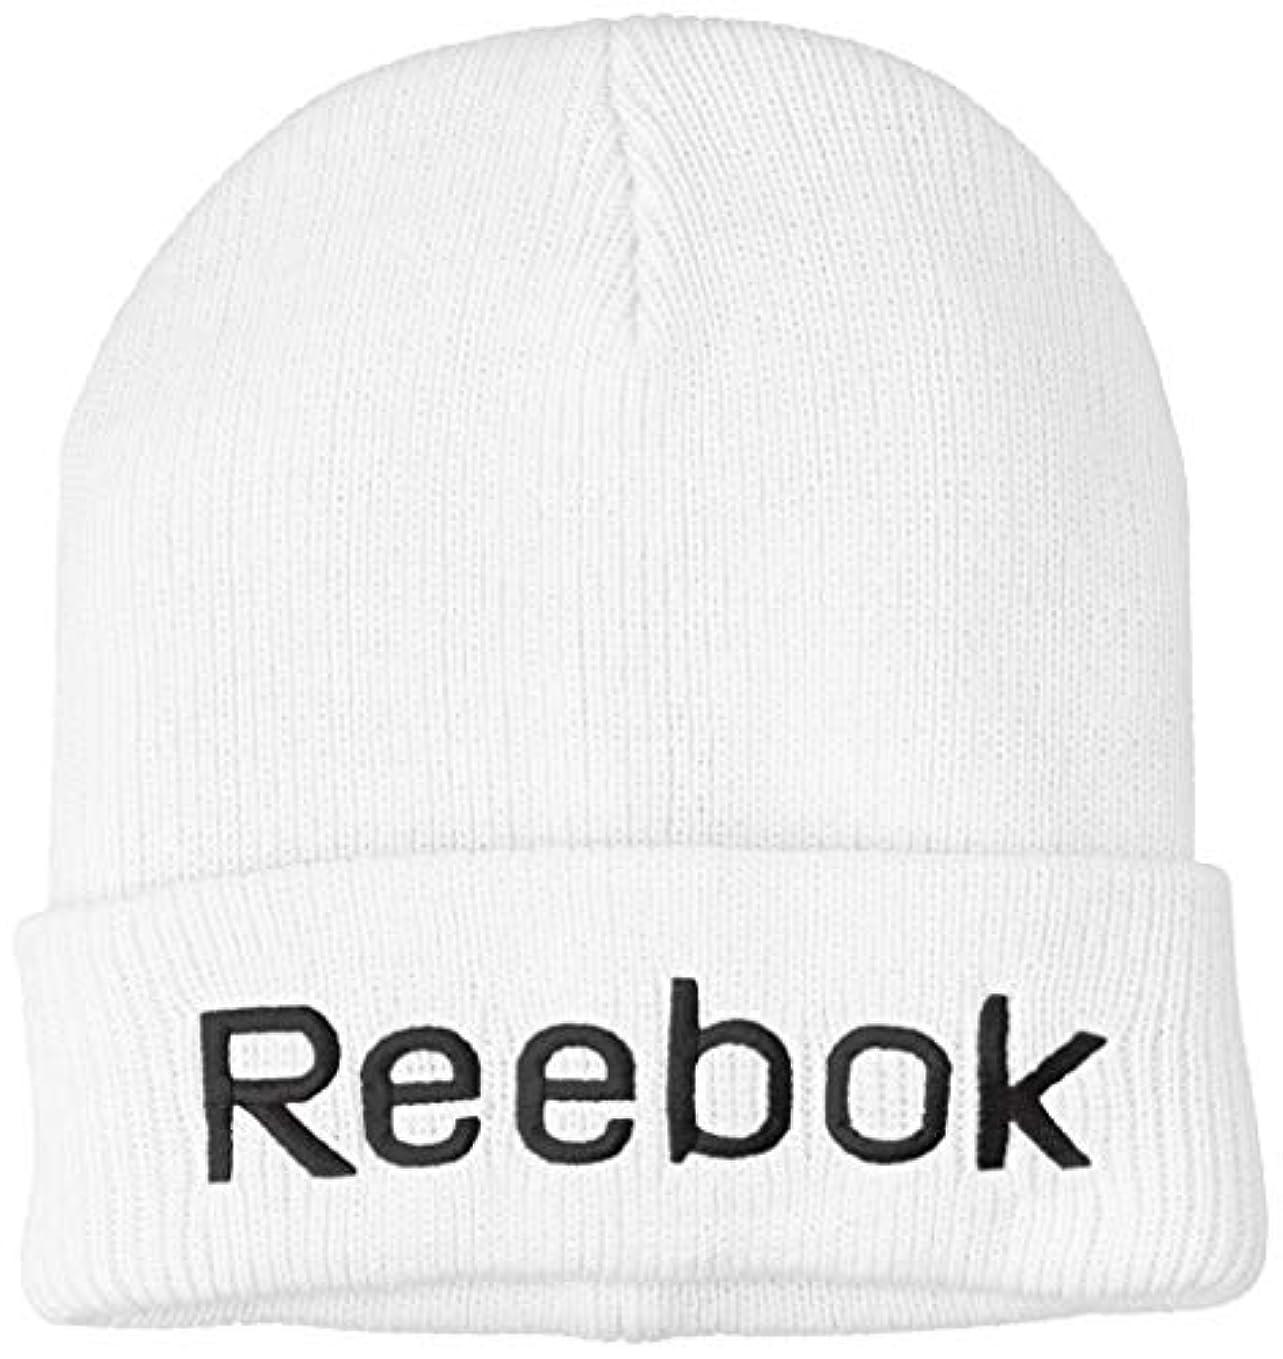 空キャリア浜辺[リーボック] Reebok リーボック デカロゴ刺繍ニットキャップ AC2014 ニットキャップ